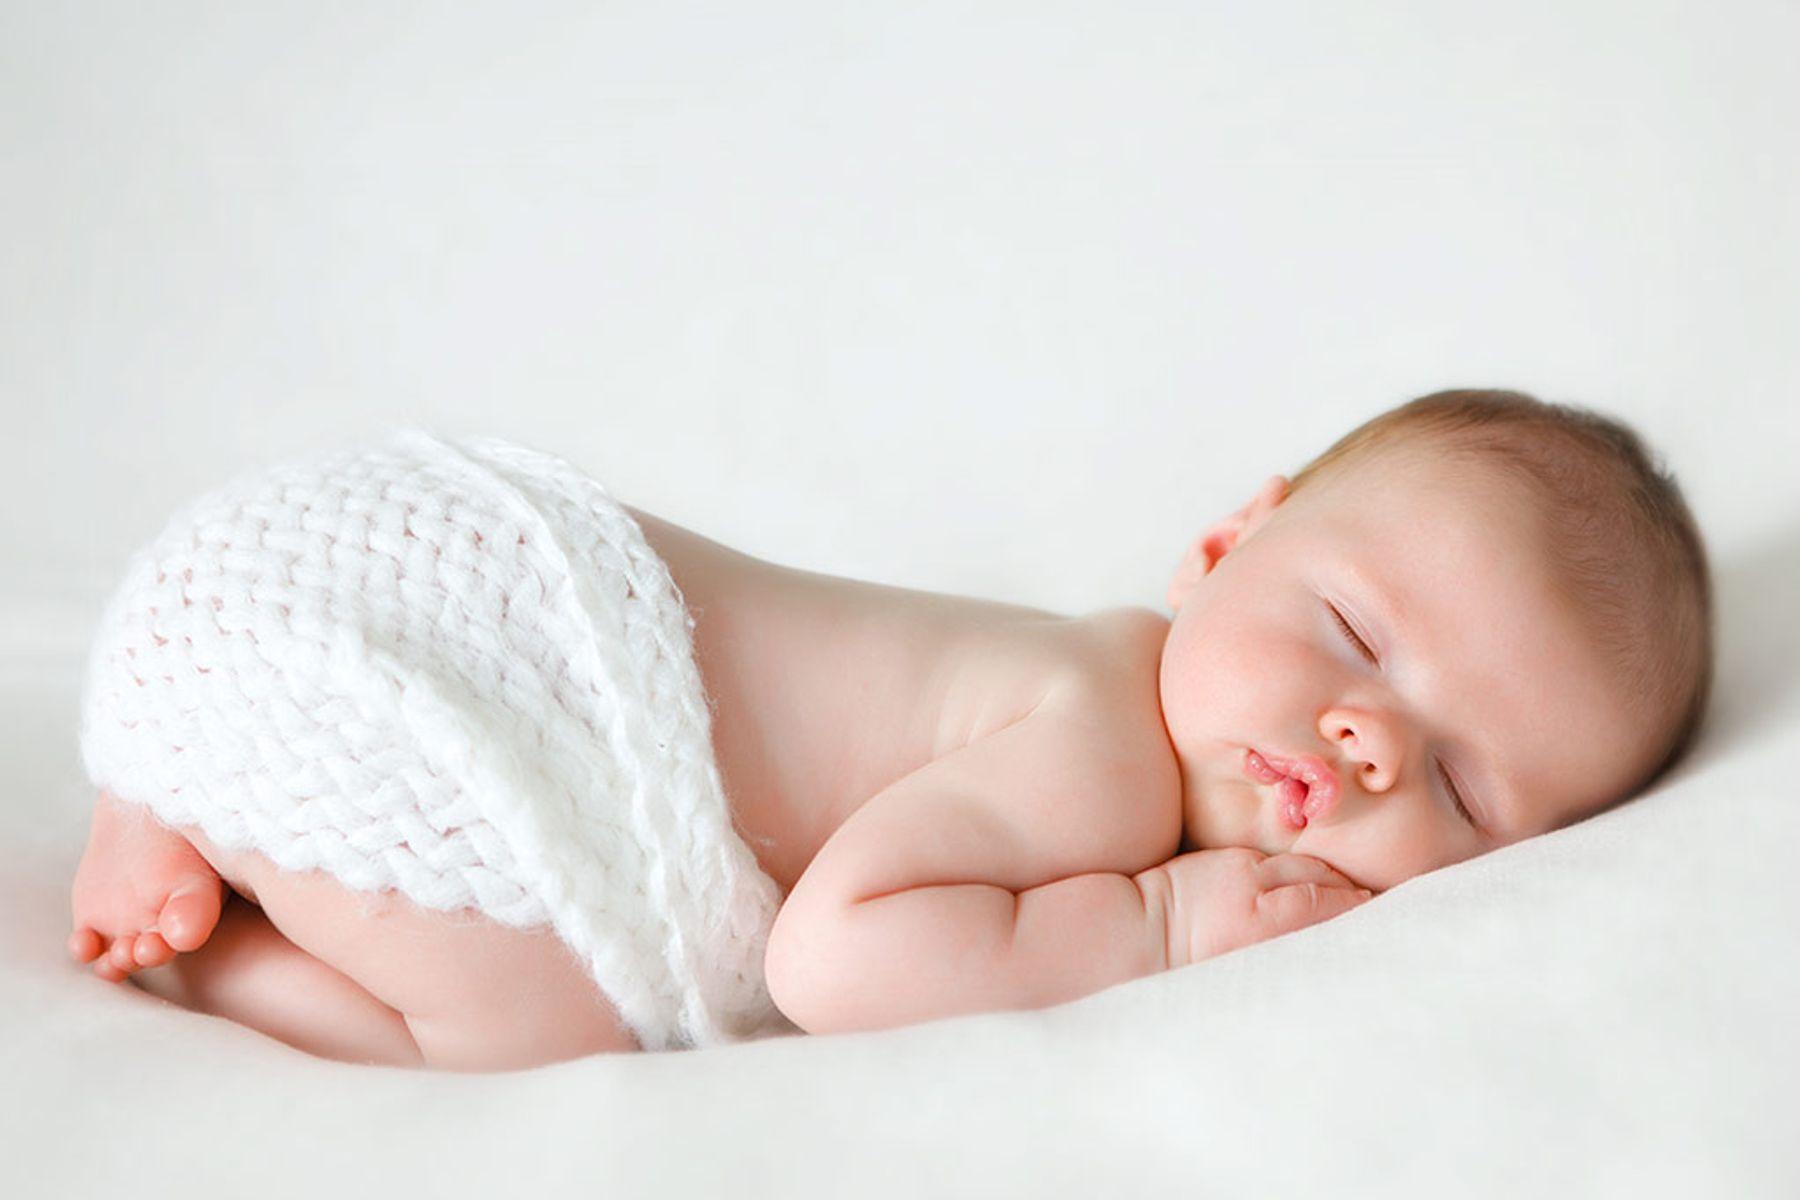 #8 Cách Chăm Sóc Trẻ Sơ Sinh Mùa Hè Và Lưu Ý Quan Trọng Mẹ Nên Biết